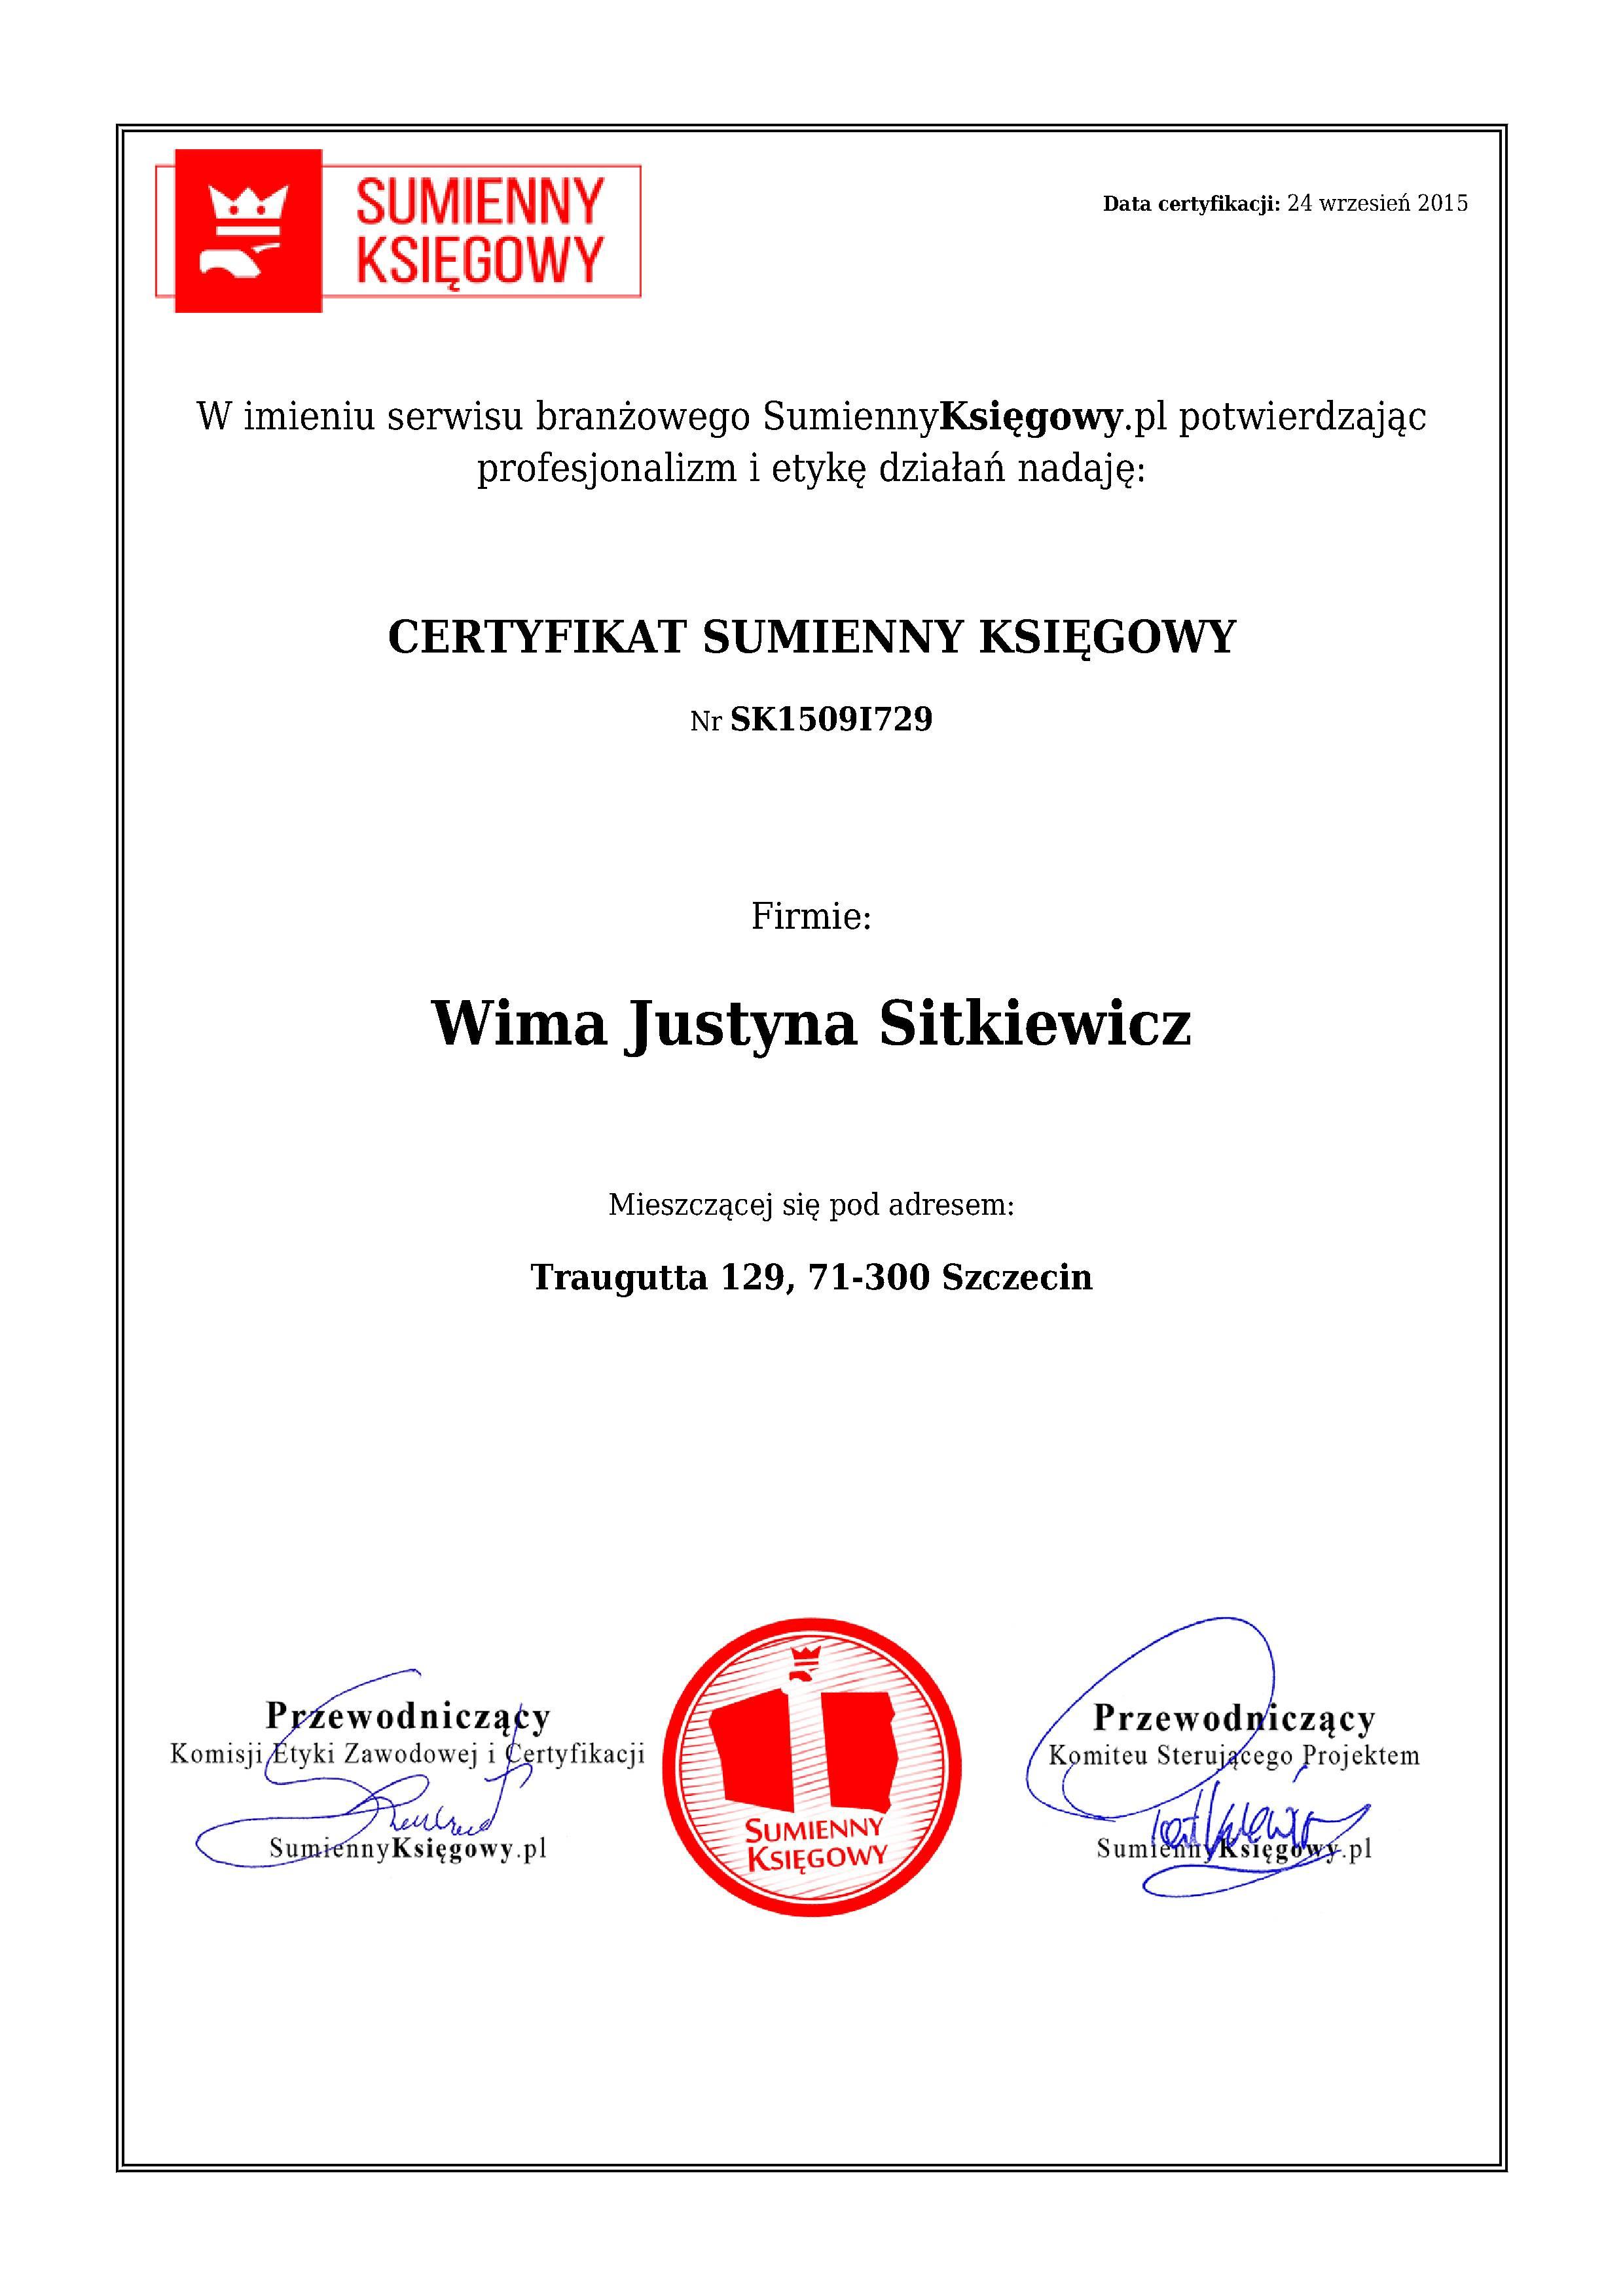 Certyfikat Wima Justyna Sitkiewicz